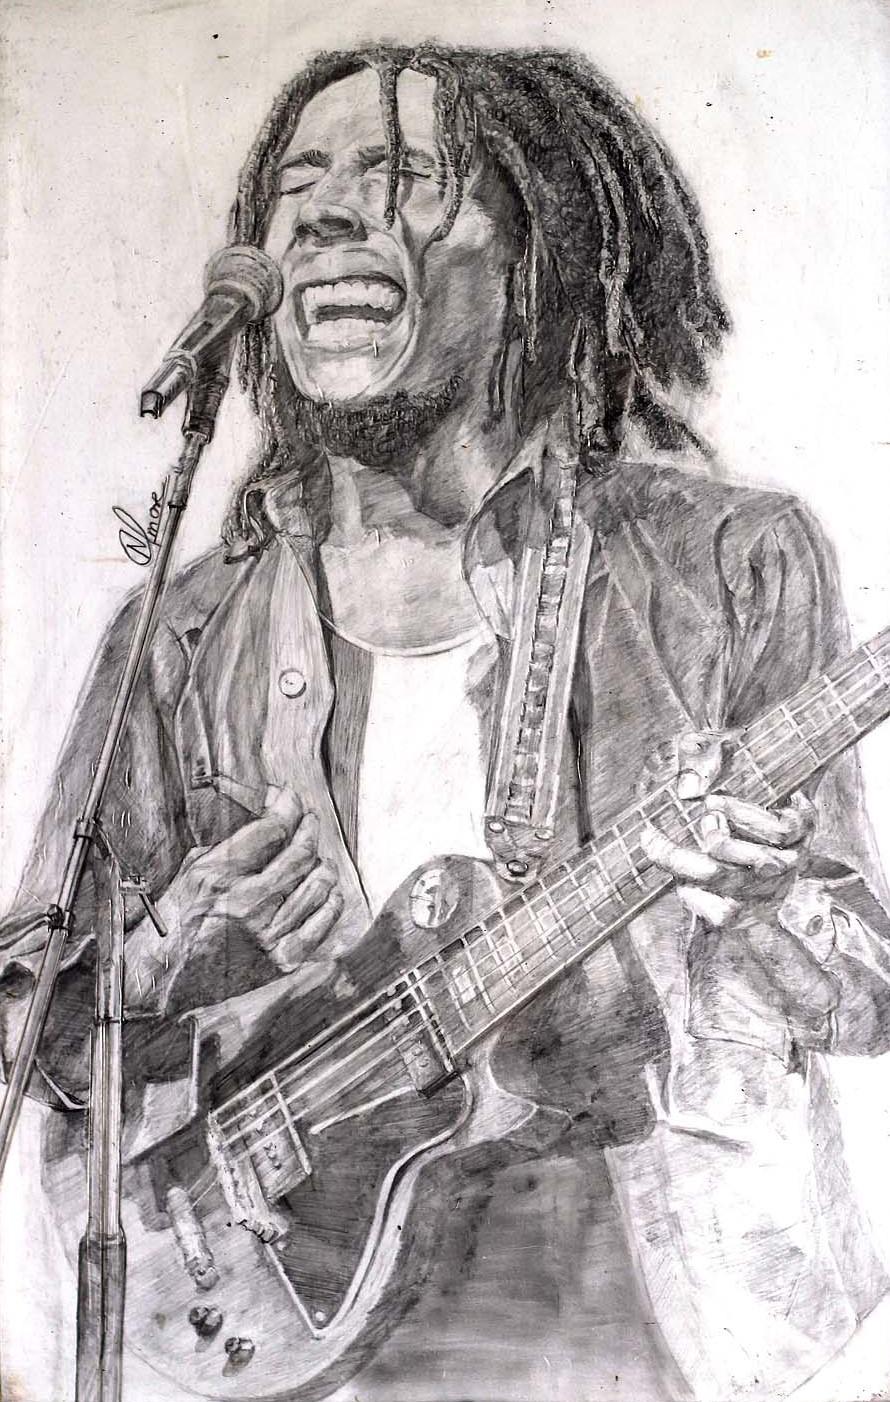 Bob Marley Singing Sketch by Nitish More